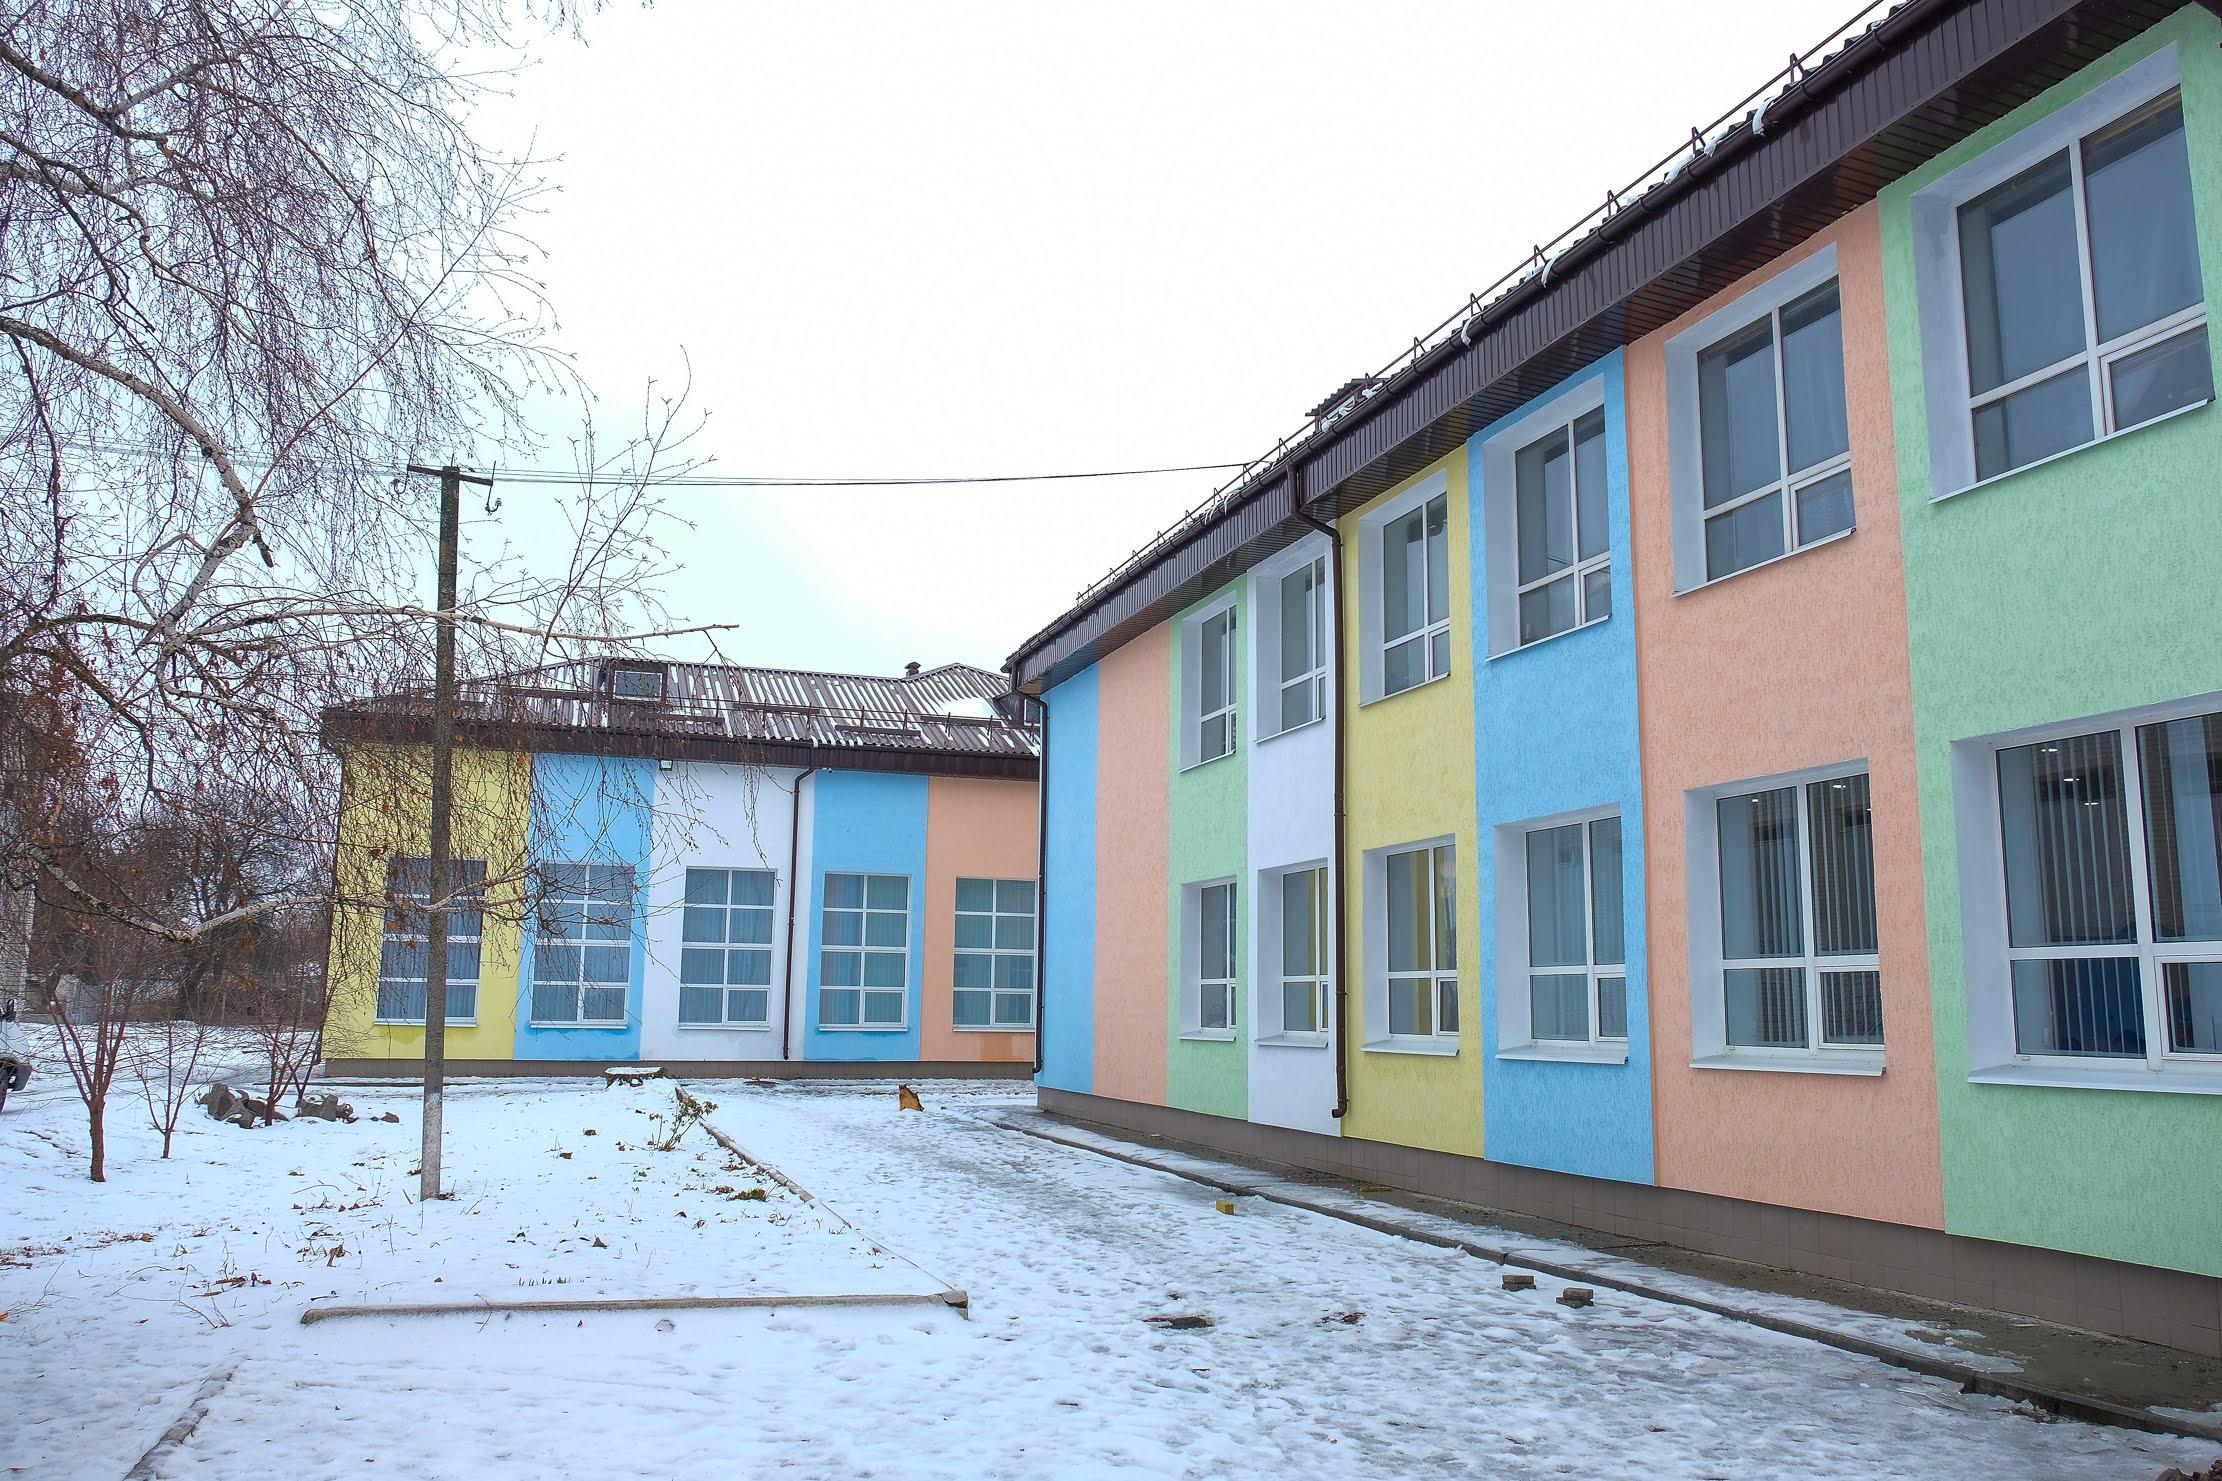 Так виглядає Ляшківська школа після ремонту